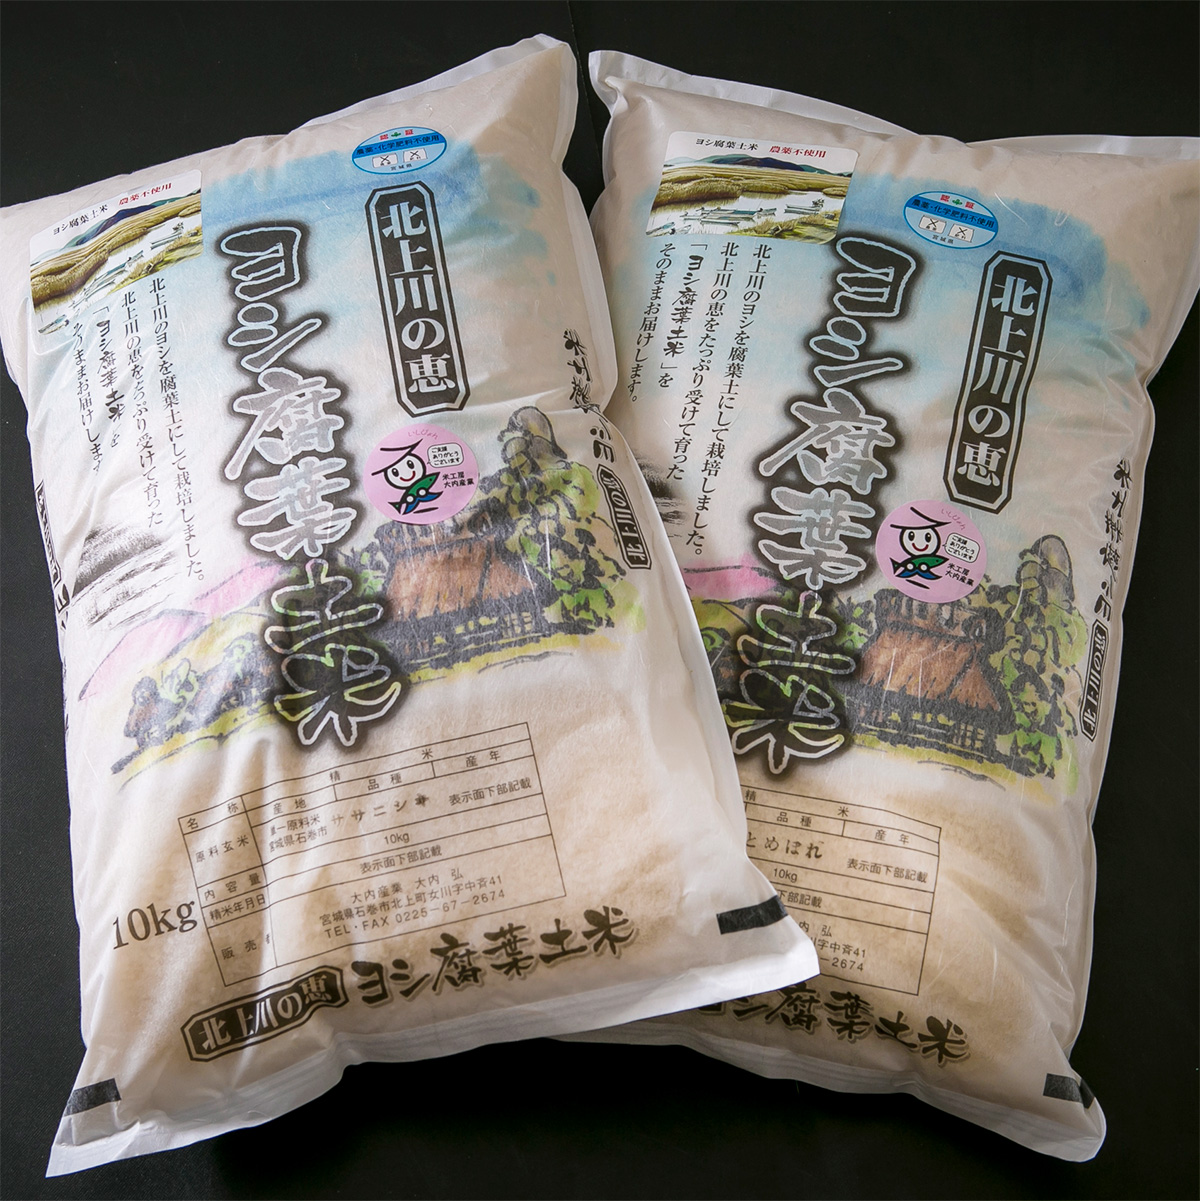 【ふるさと納税】節減対象農薬:栽培期間不使用 ヨシ腐葉土米 石巻産ササニシキ30kg